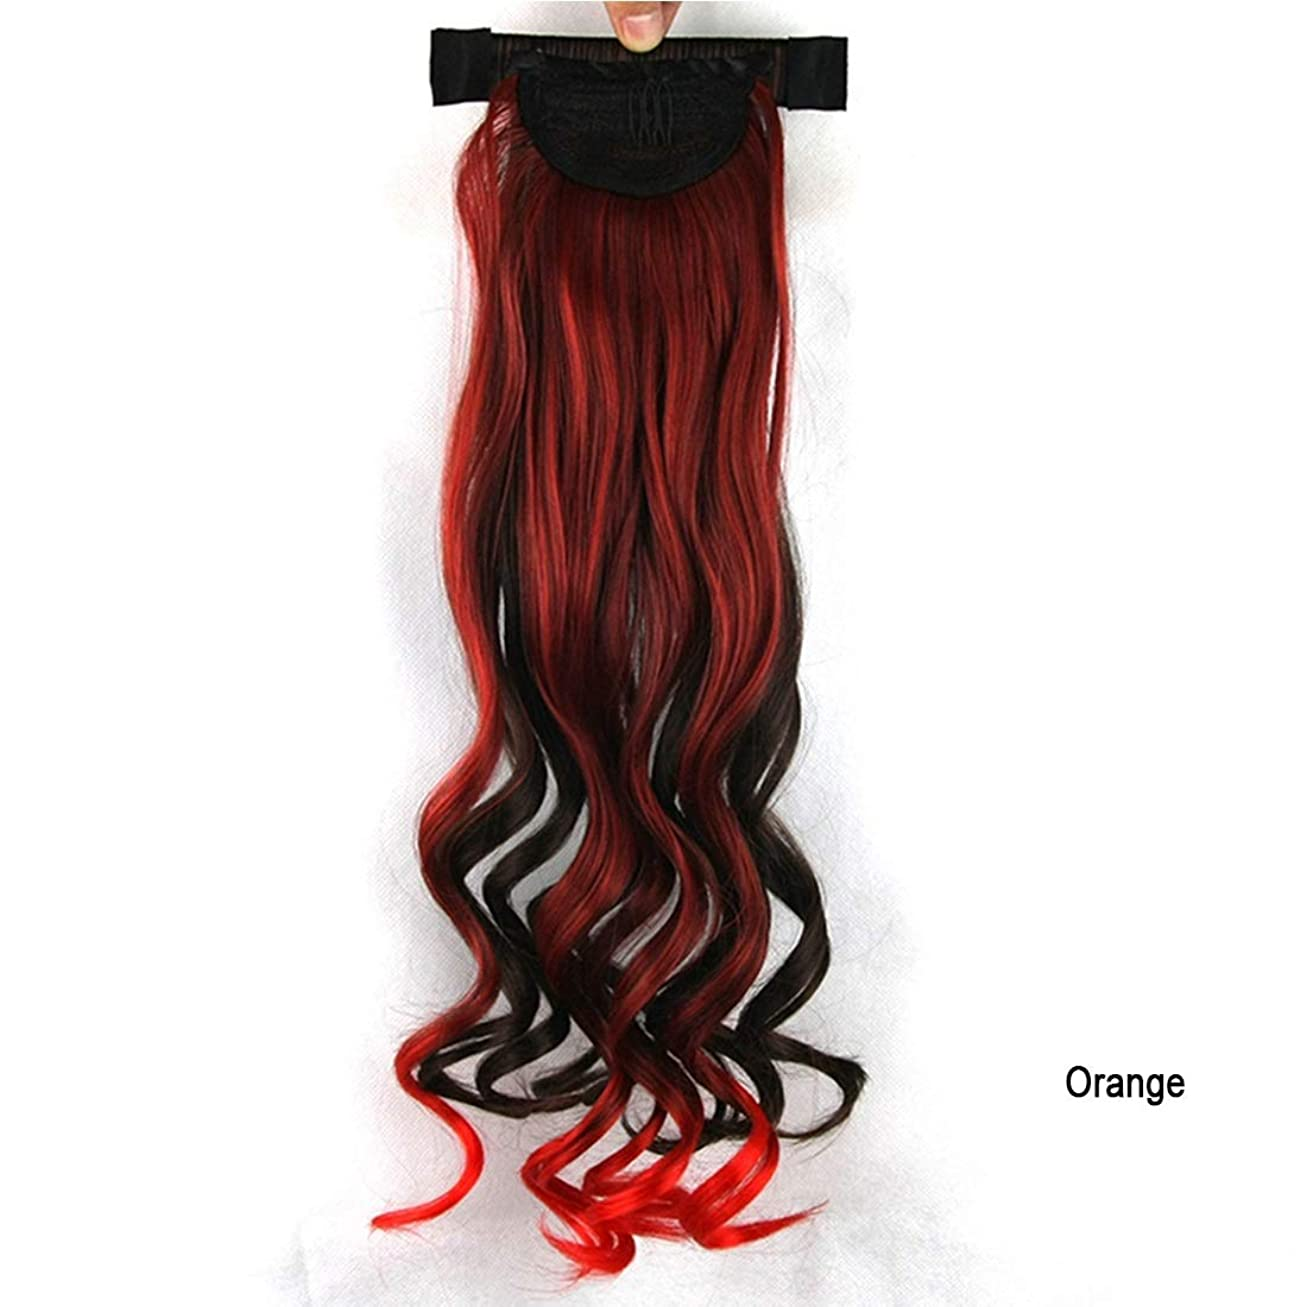 徐々に頭イデオロギーKoloeplf 女の子 ヨーロッパとアメリカ ポニーテール 混合色 巻き髪 かつら 高温抵抗 自然 軽量 (Color : オレンジ)